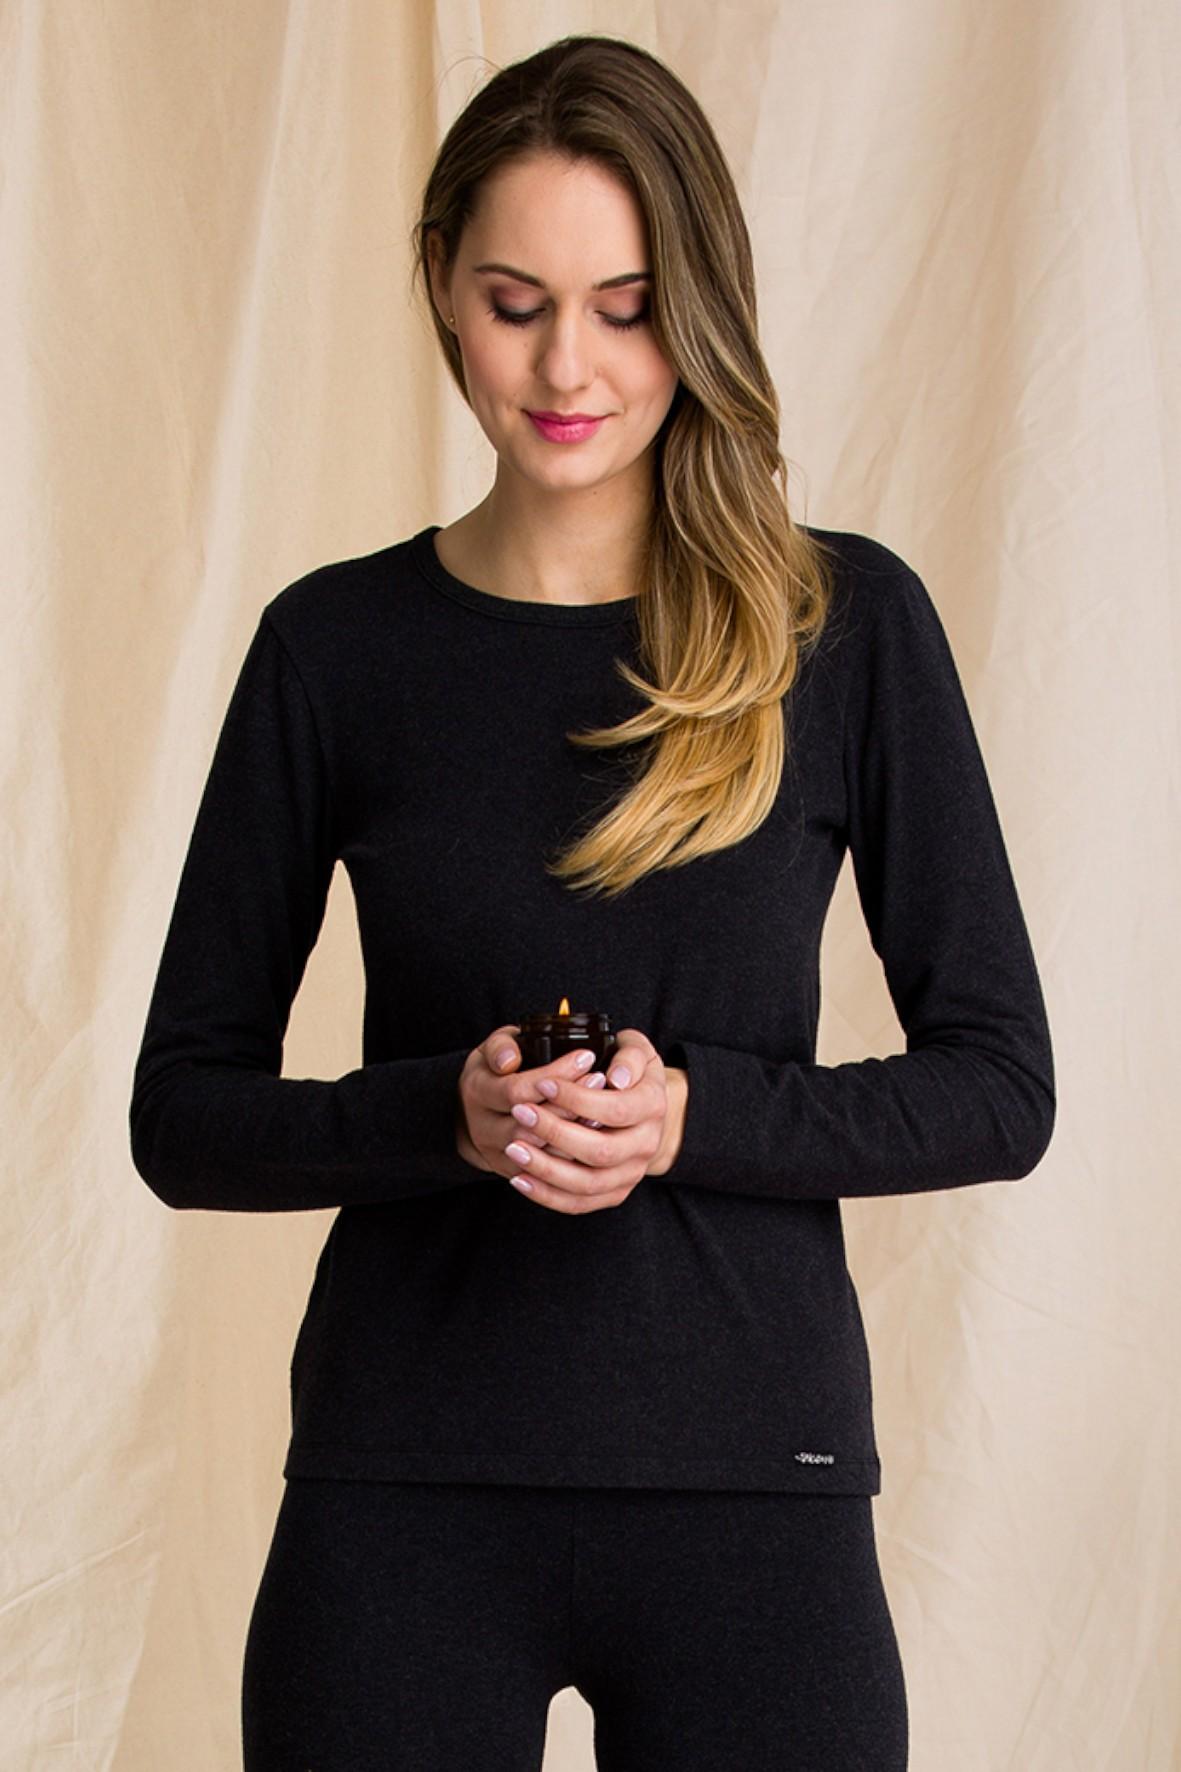 Ciepła bielizna – Hot touch- czarny podkoszulek damski z długim rękawem